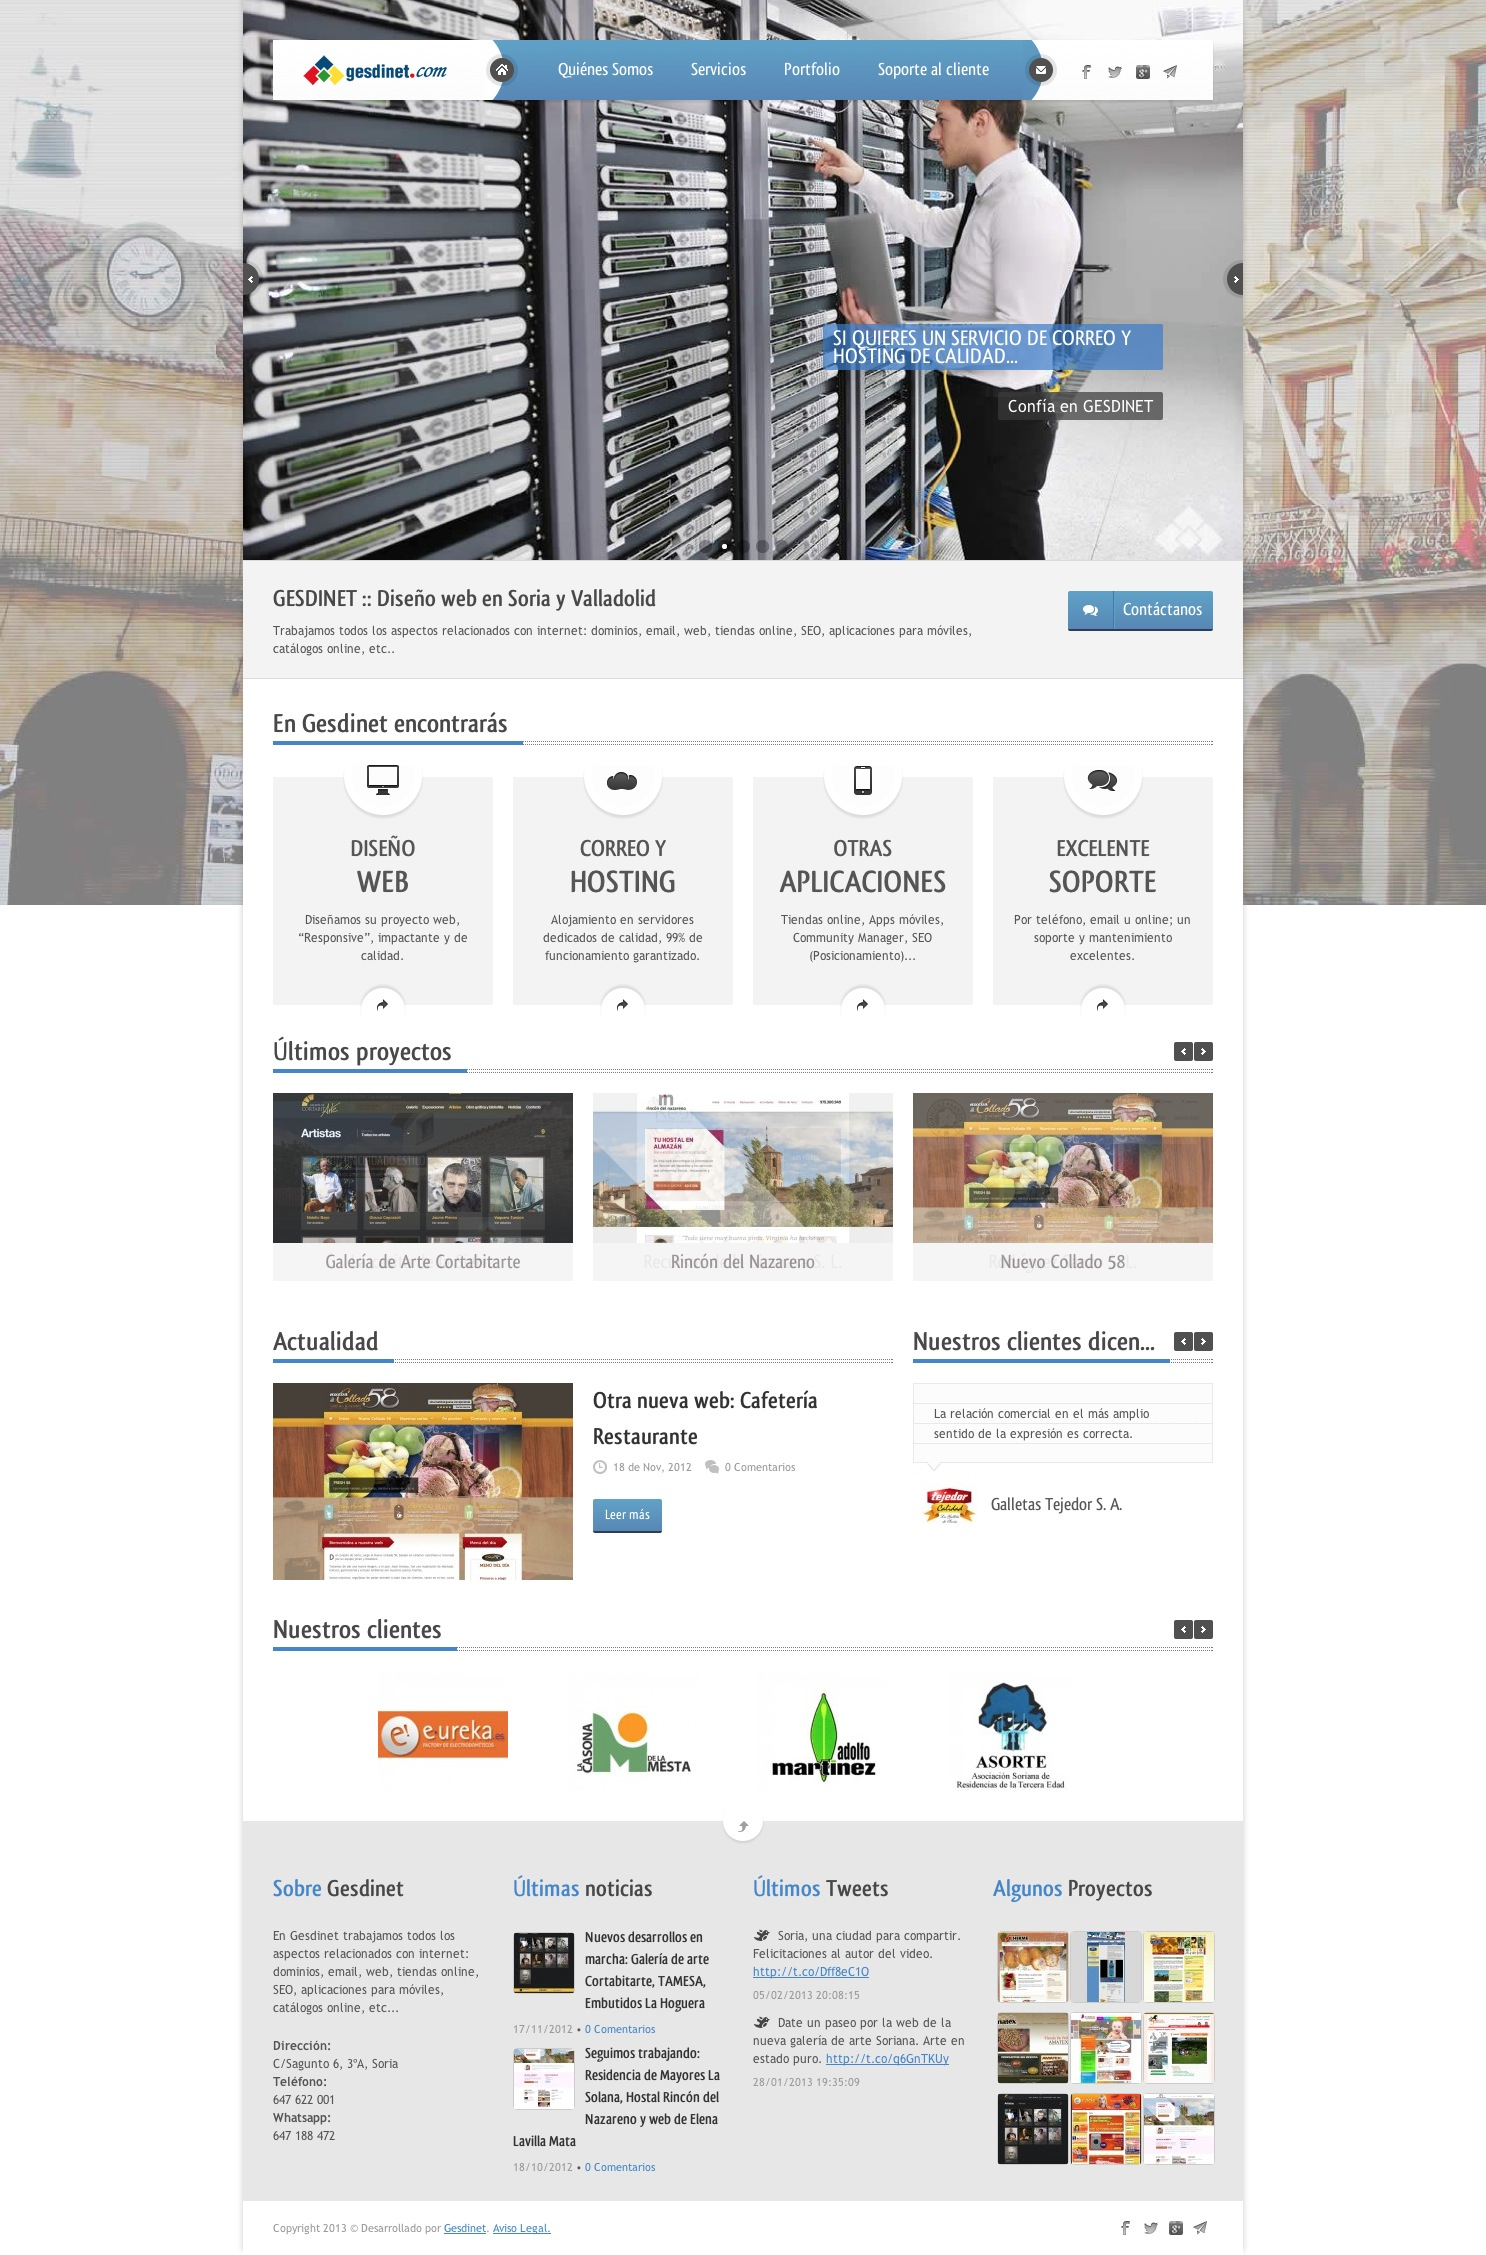 Presentamos nuestra nueva página web